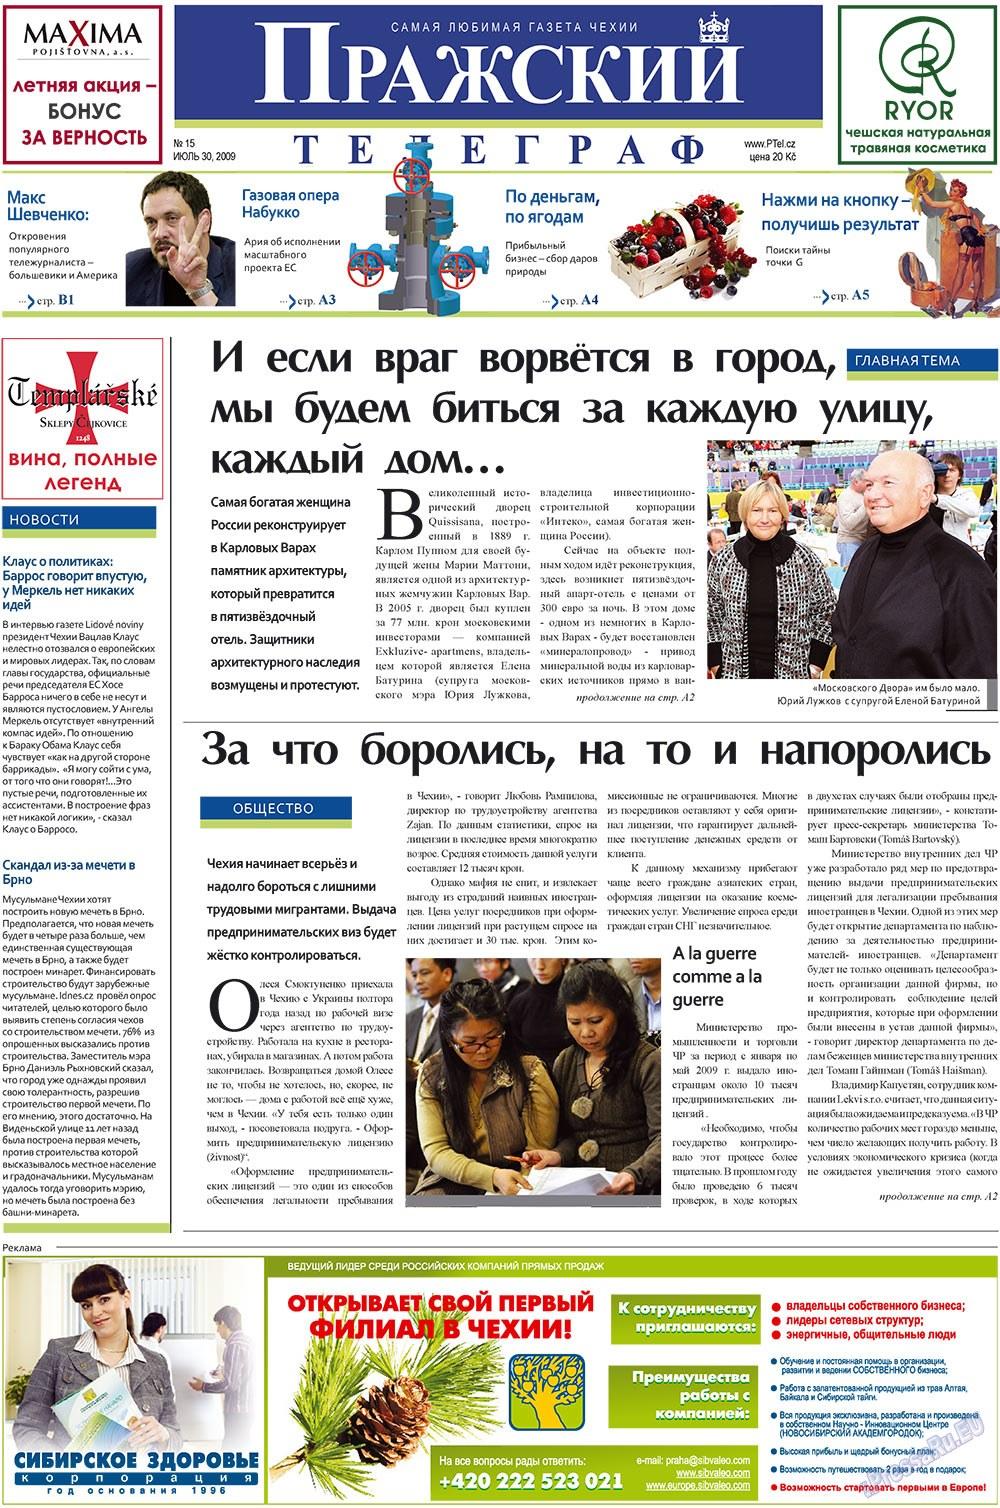 Пражский телеграф (газета). 2009 год, номер 15, стр. 1